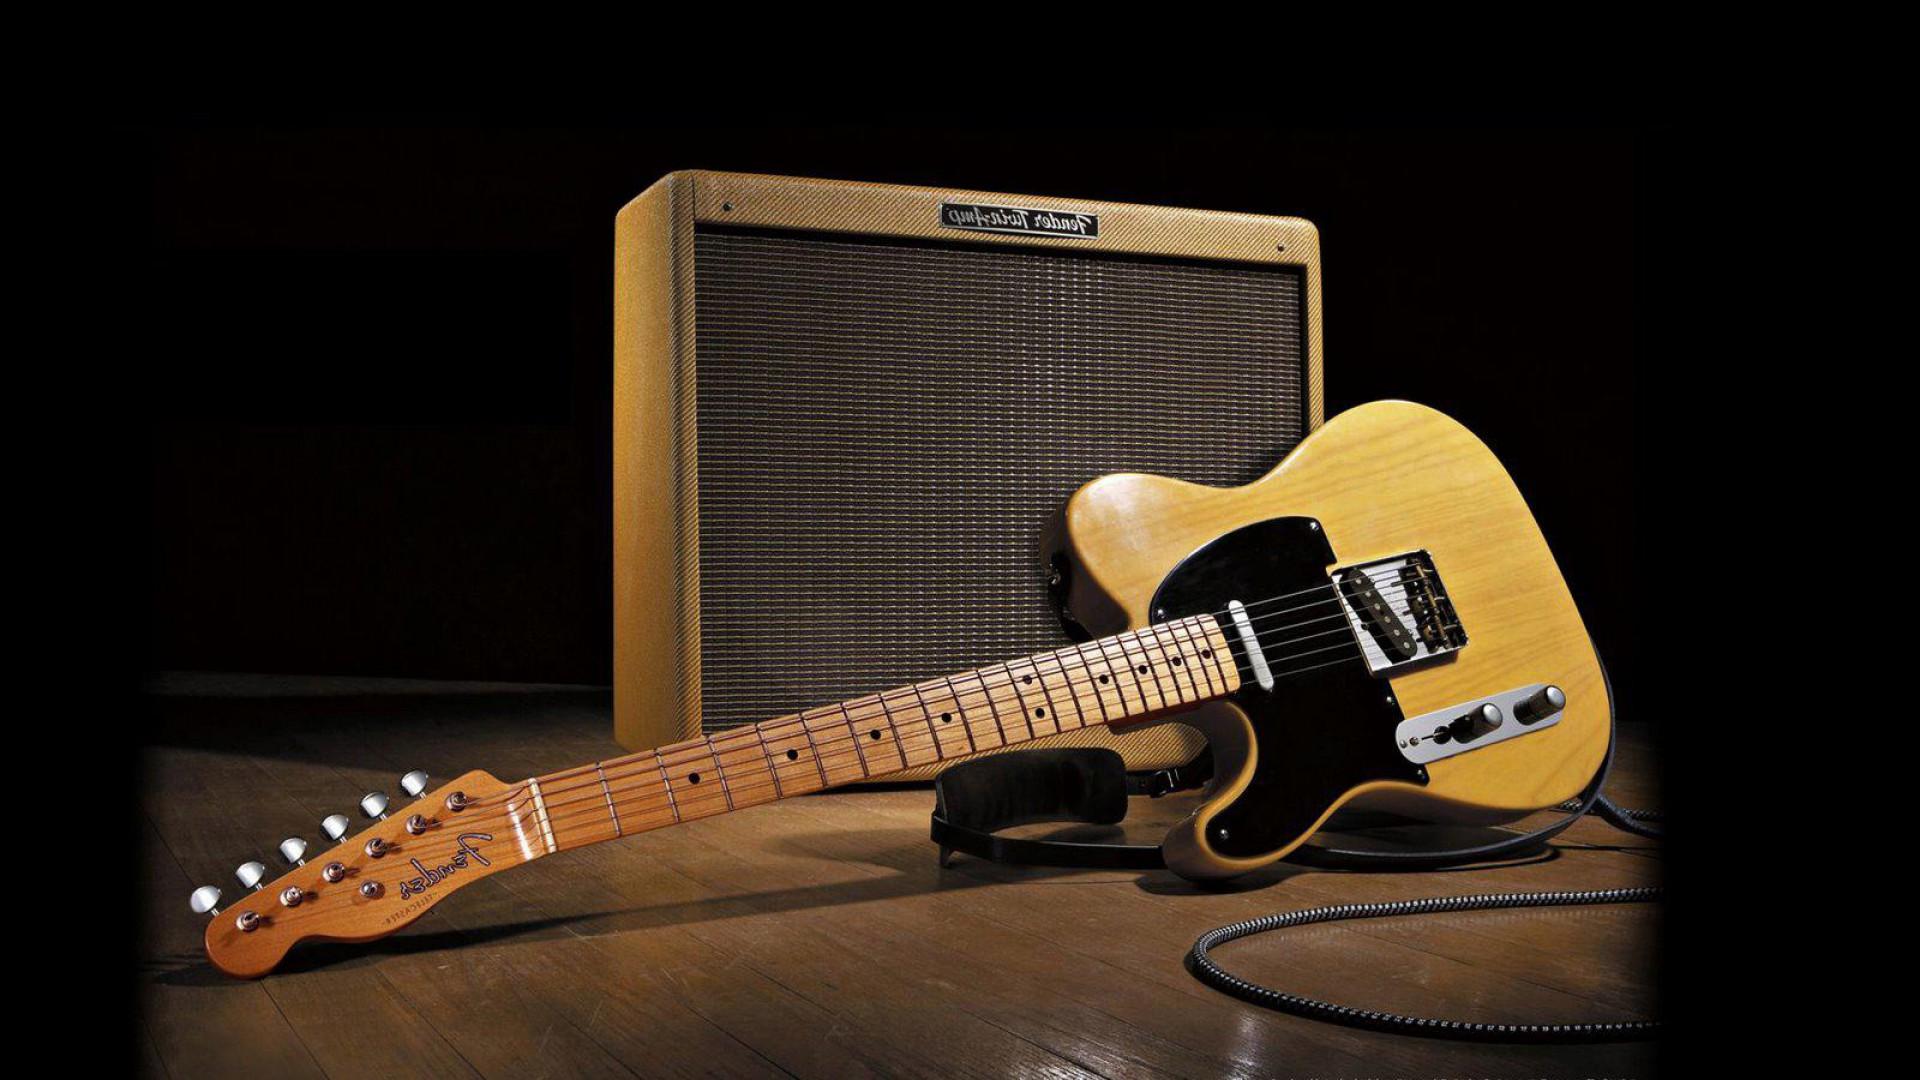 Guitar wallpaper high resolution wallpapersafari - Cool guitar wallpaper ...